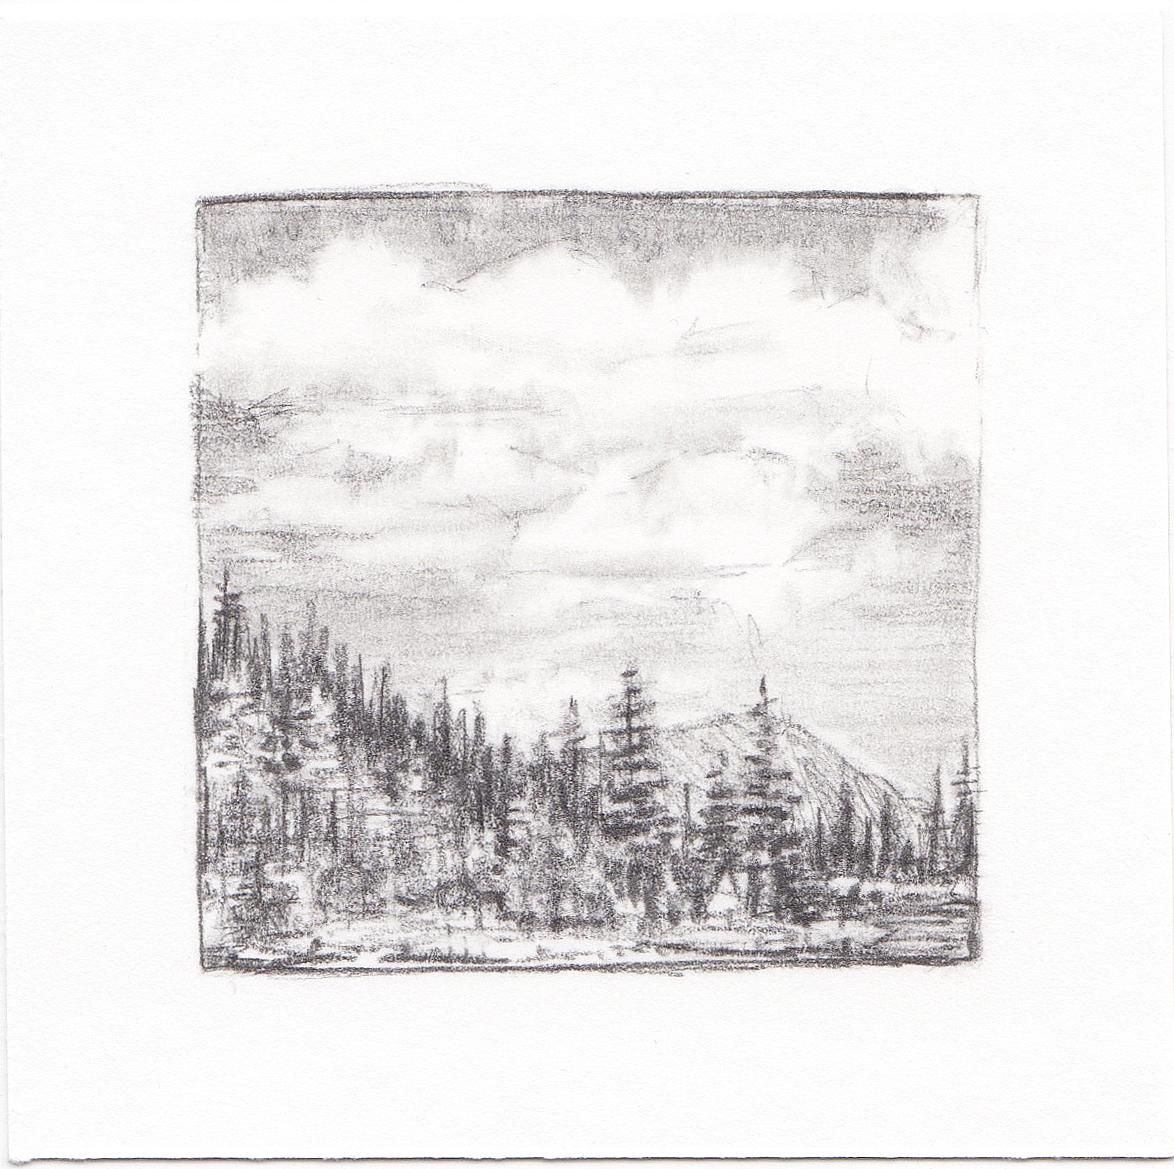 #35 Hayden Lake, Uinta Mountains, Utah | 3x3 | graphite